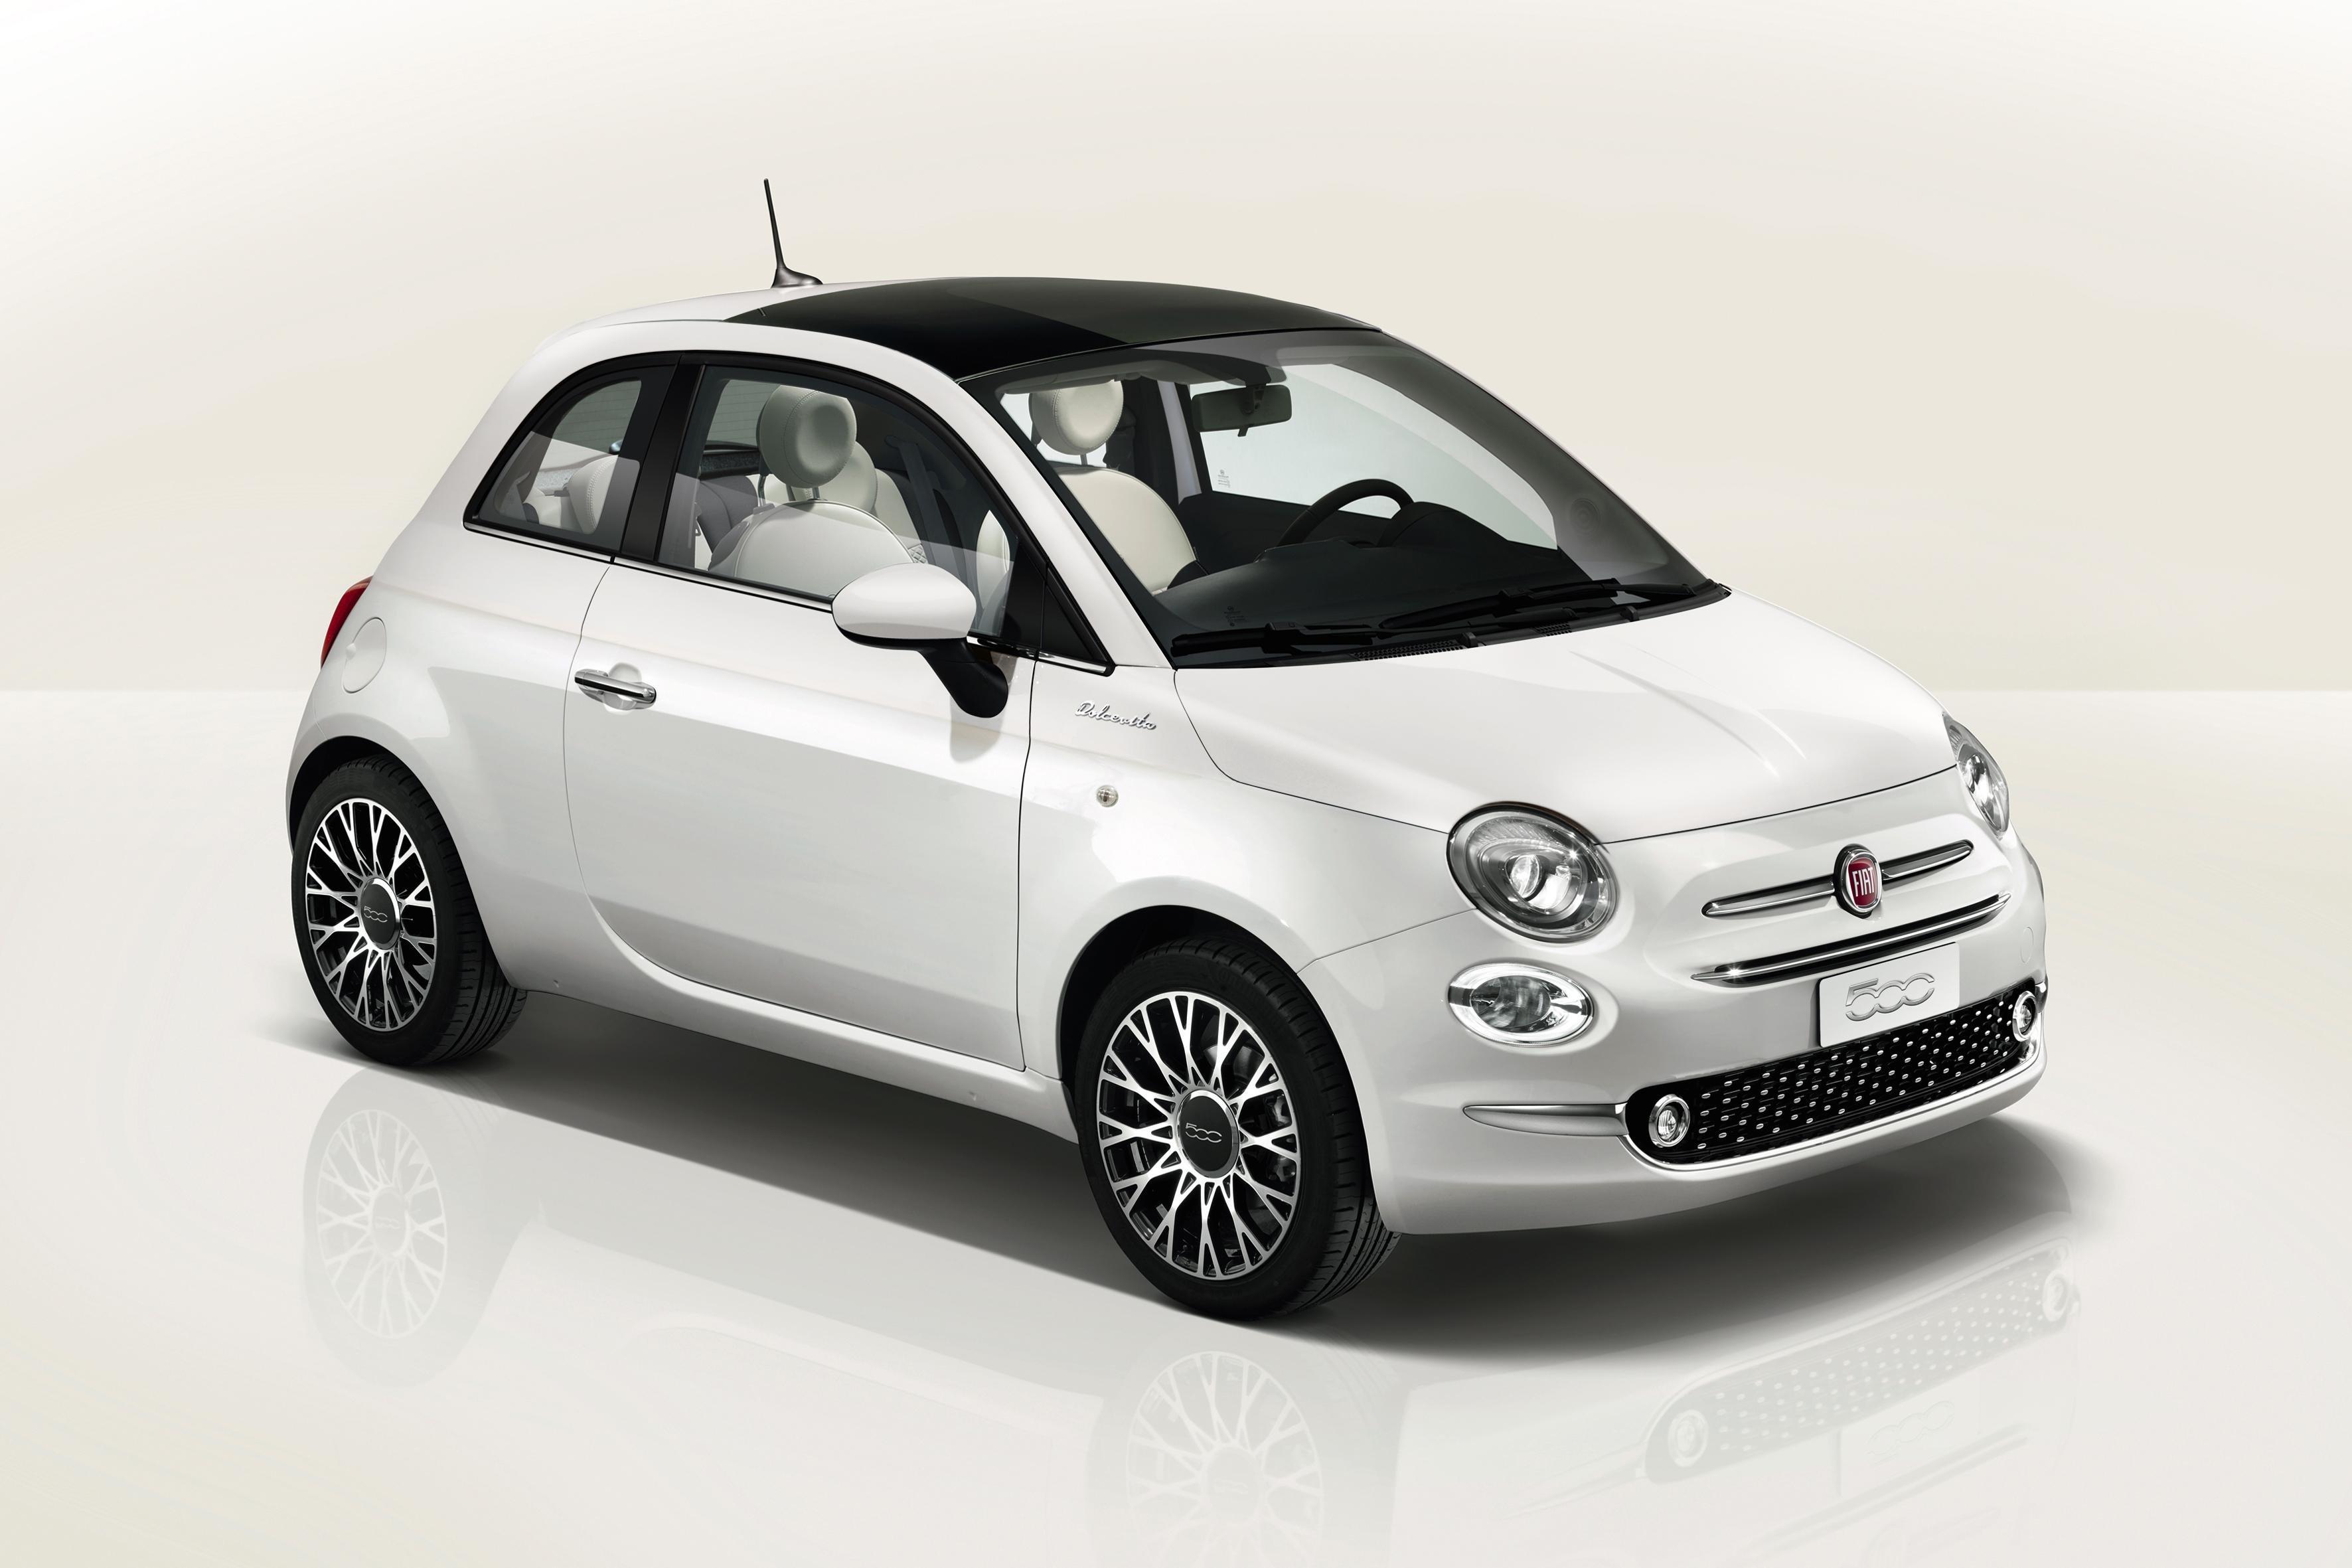 2021 Fiat 500 price and specs